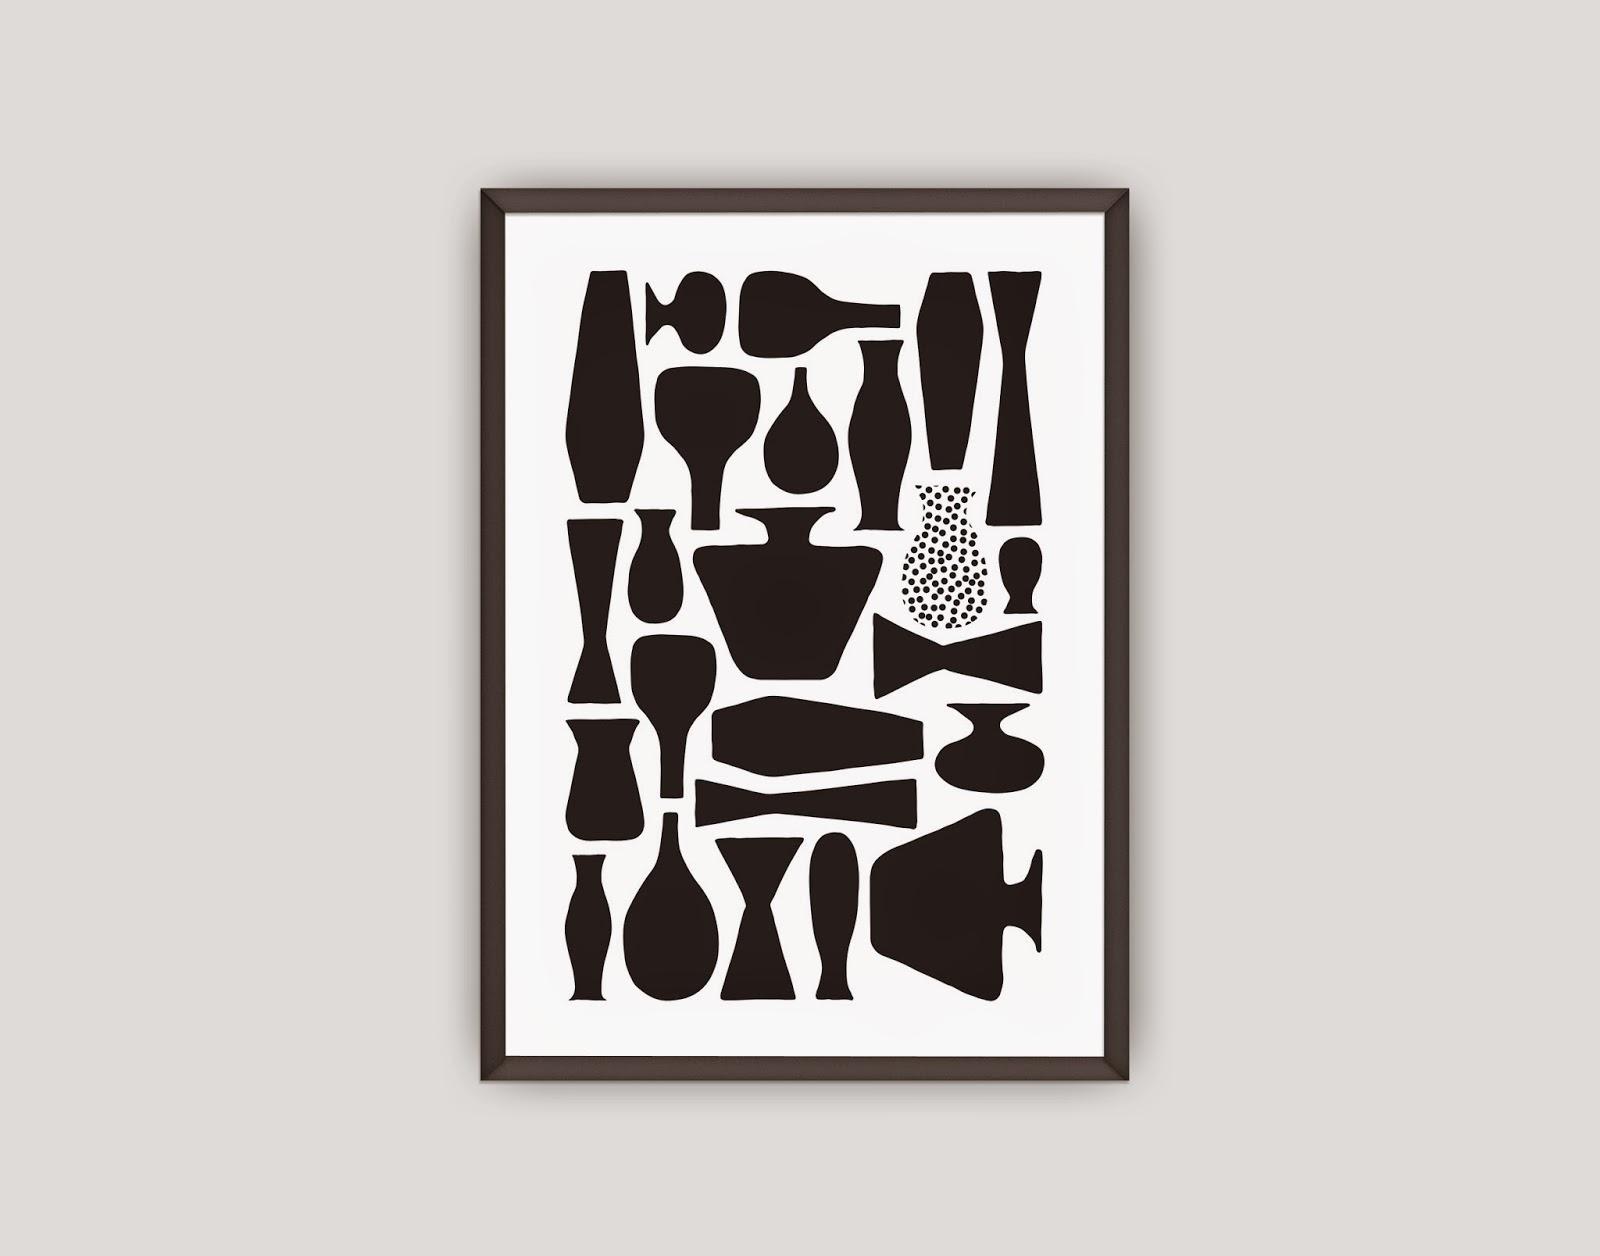 https://www.etsy.com/listing/228116725/modern-art-print-scandinavian-inspired?ref=listing-shop-header-1